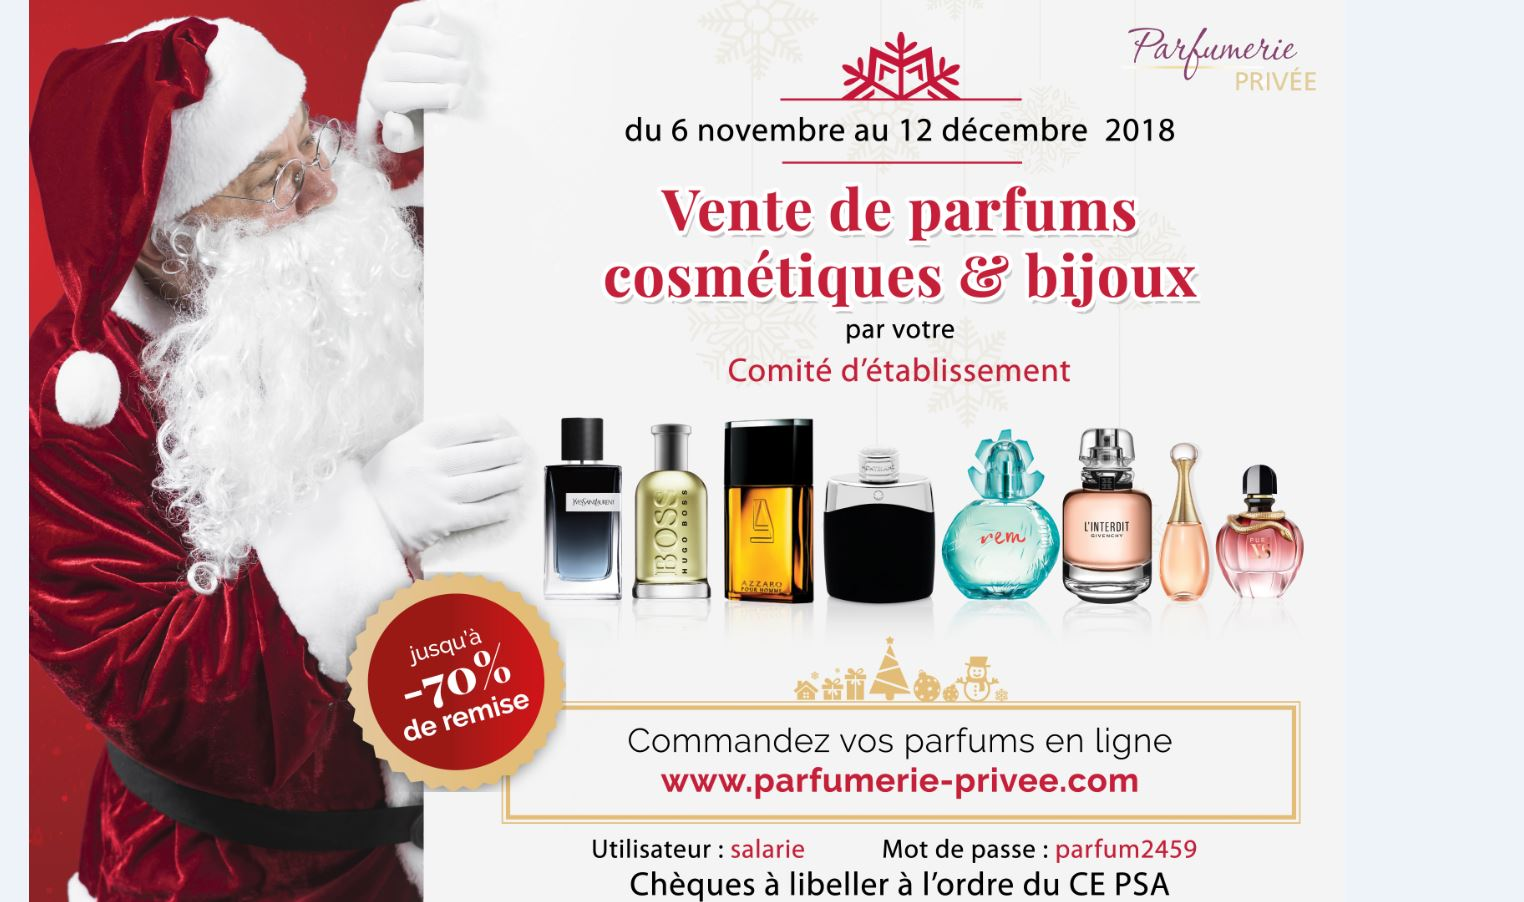 Vente de parfums